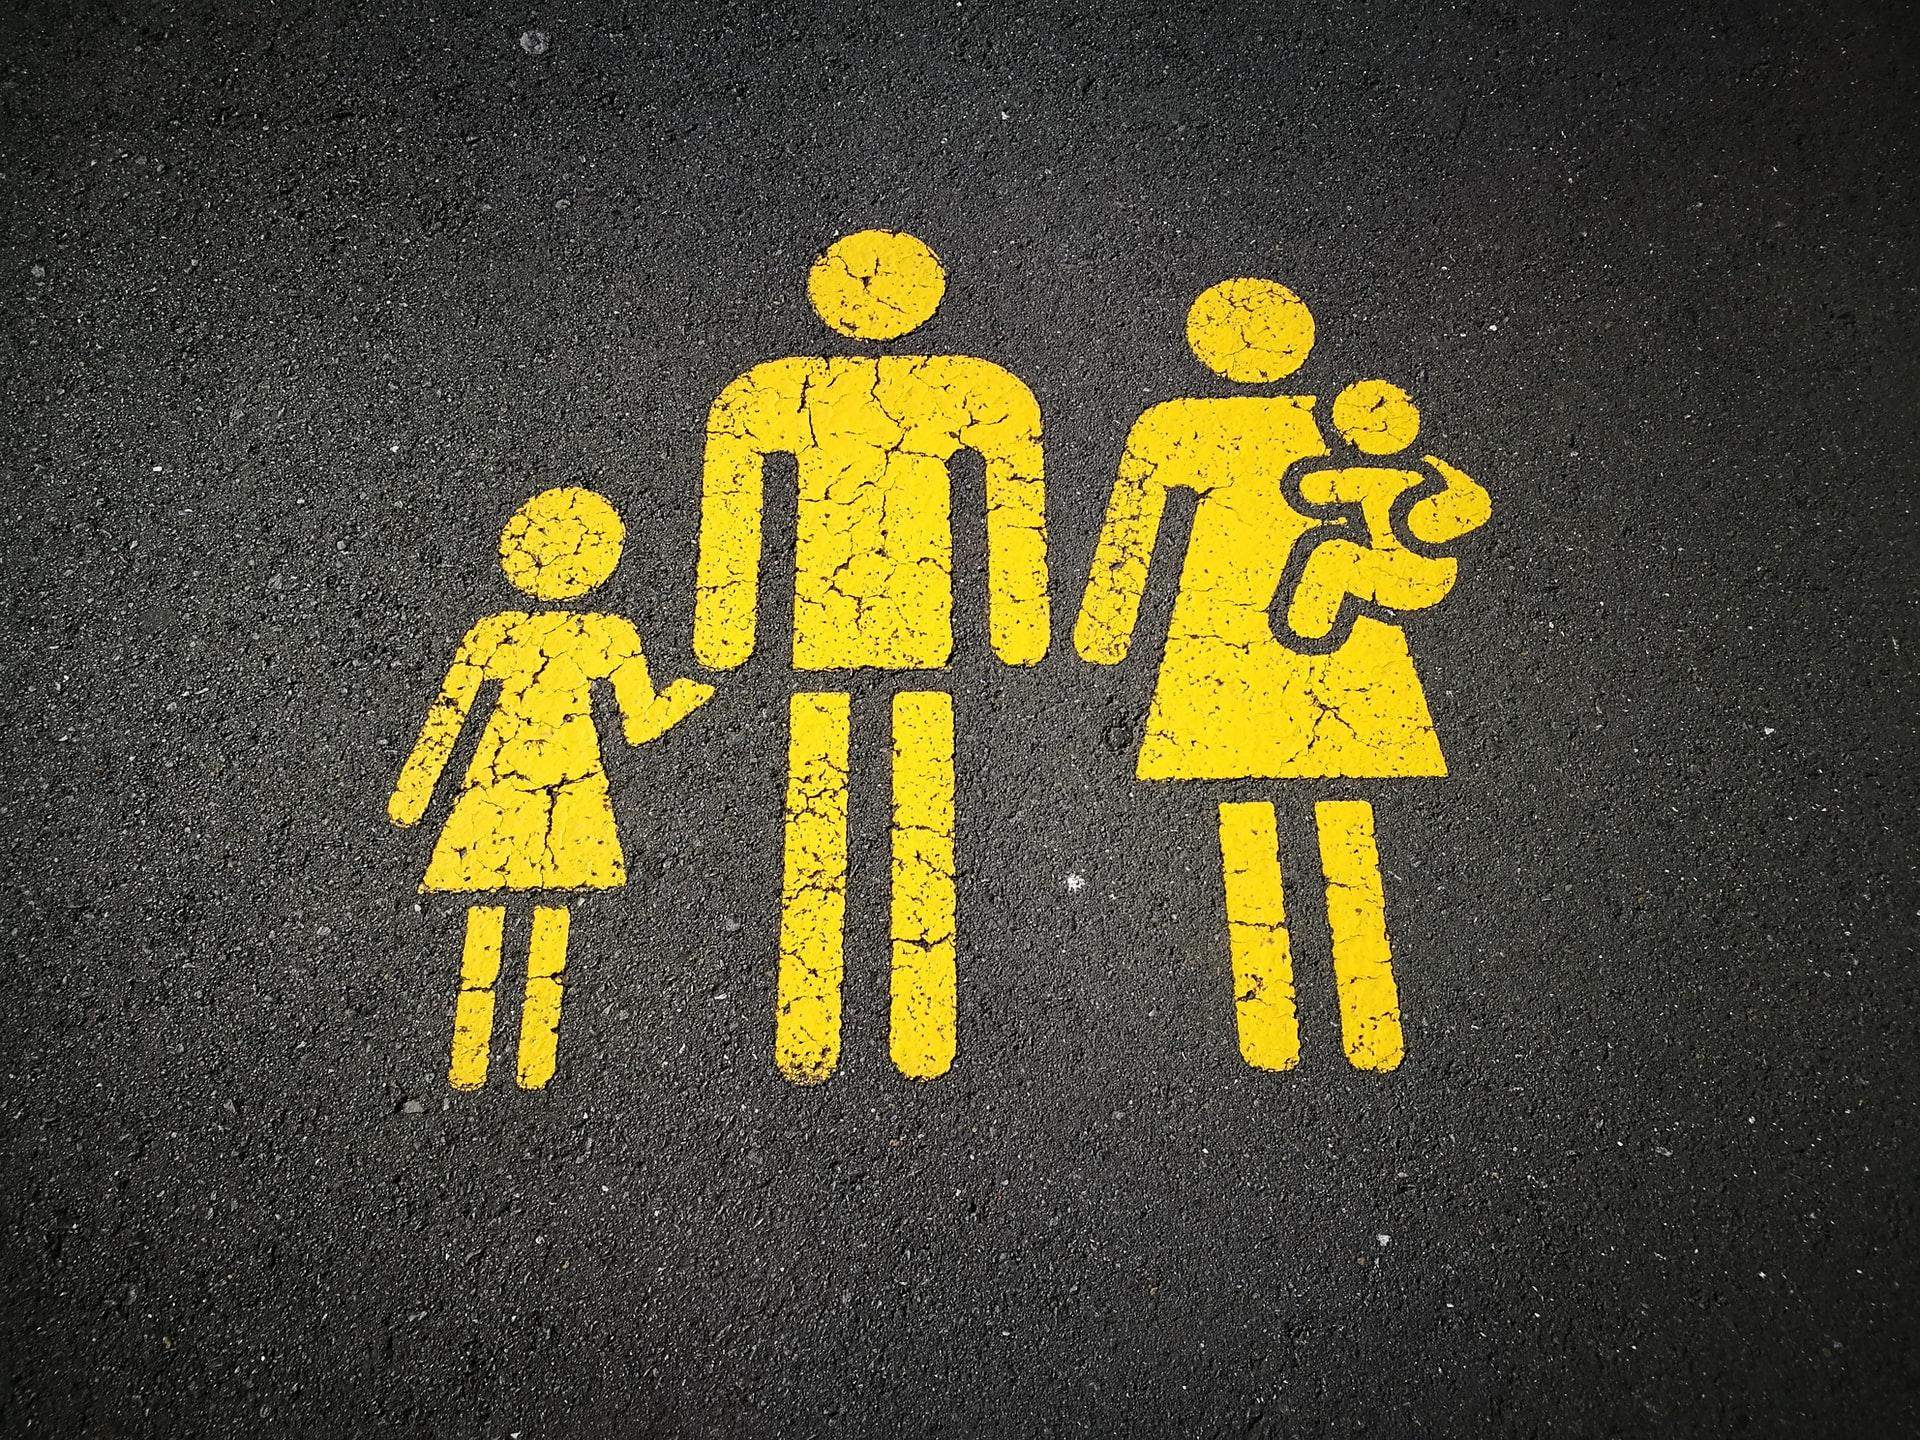 Trafik işareti standartlarına uygun spery boya ile zemine aile resmi çizilmiş.